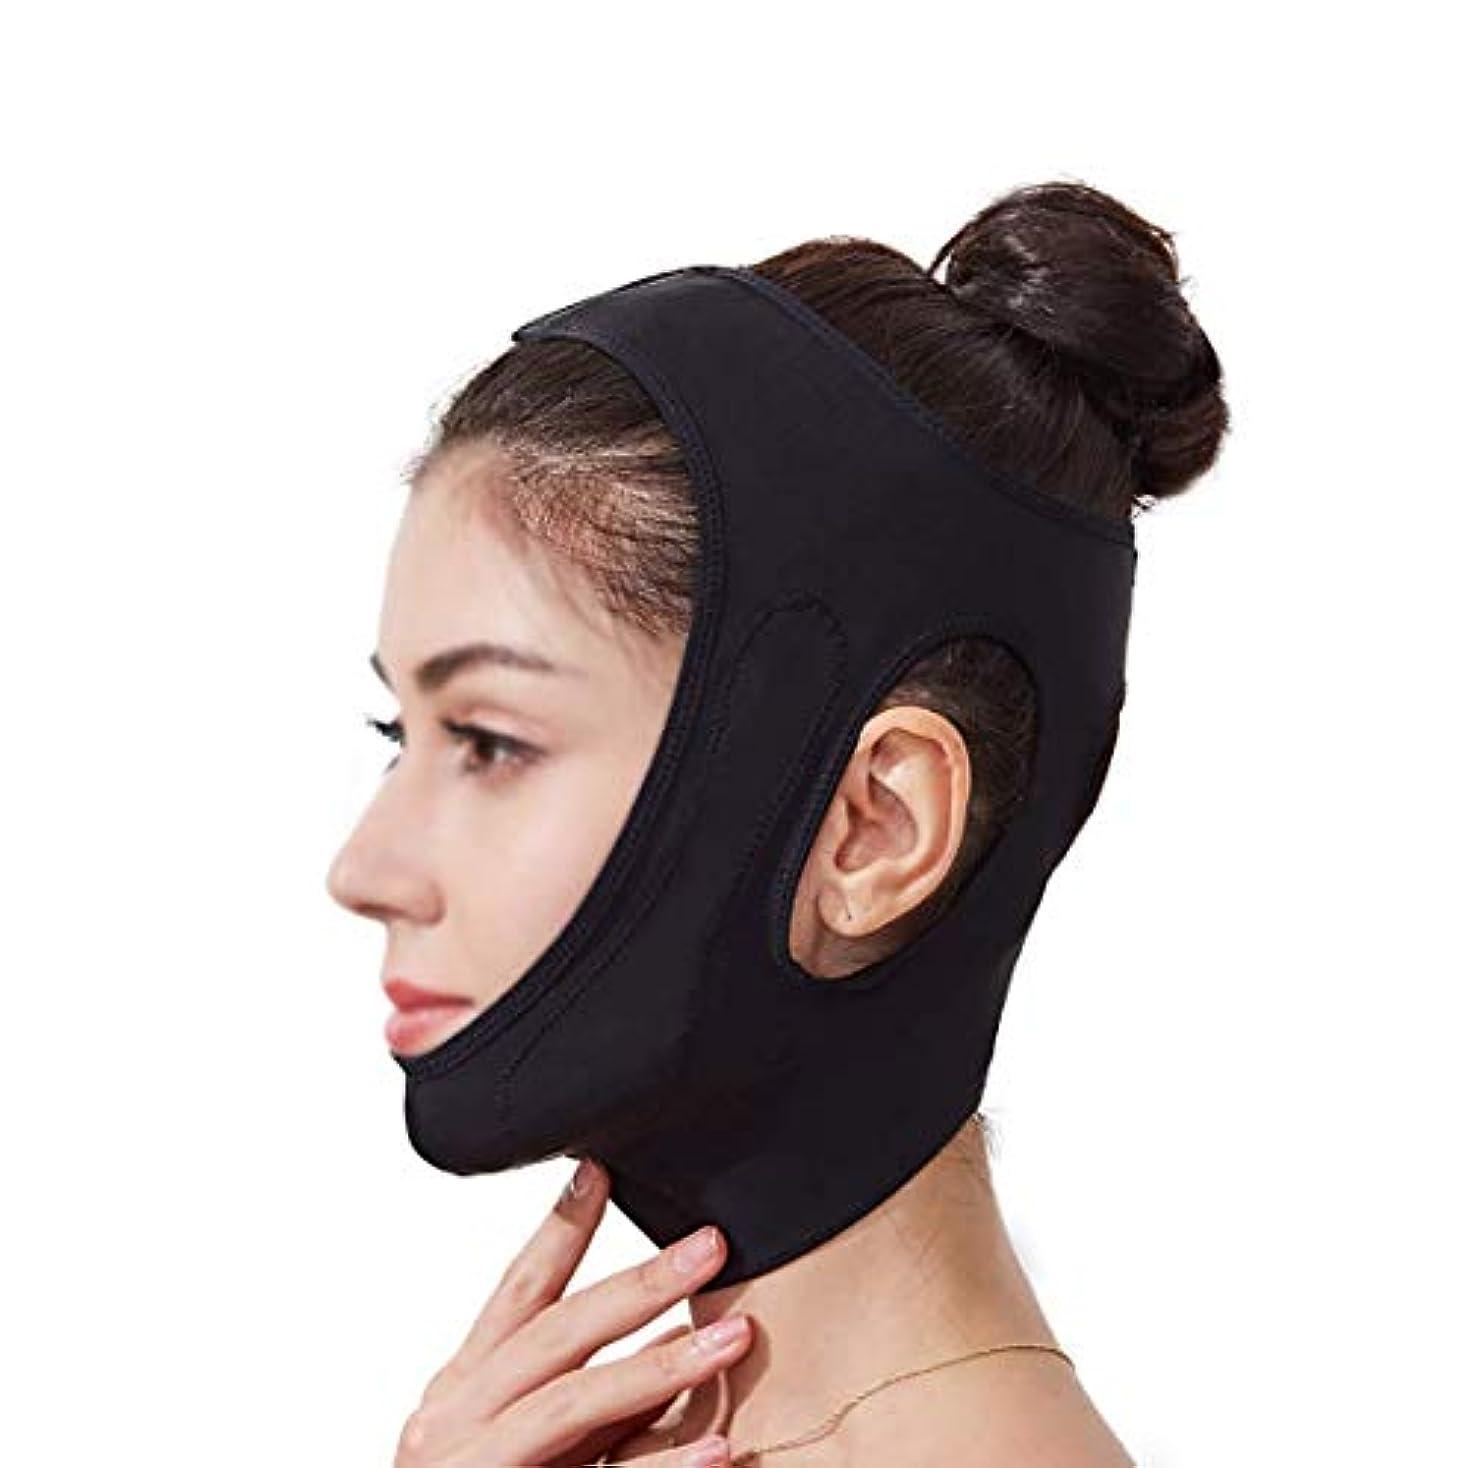 苦情文句精緻化氷フェイスリフティングマスク、360°オールラウンドリフティングフェイシャルコンター、あごを閉じて肌を引き締め、快適でフェイスライトをサポートし、通気性を保ちます(サイズ:ブラック),ブラック